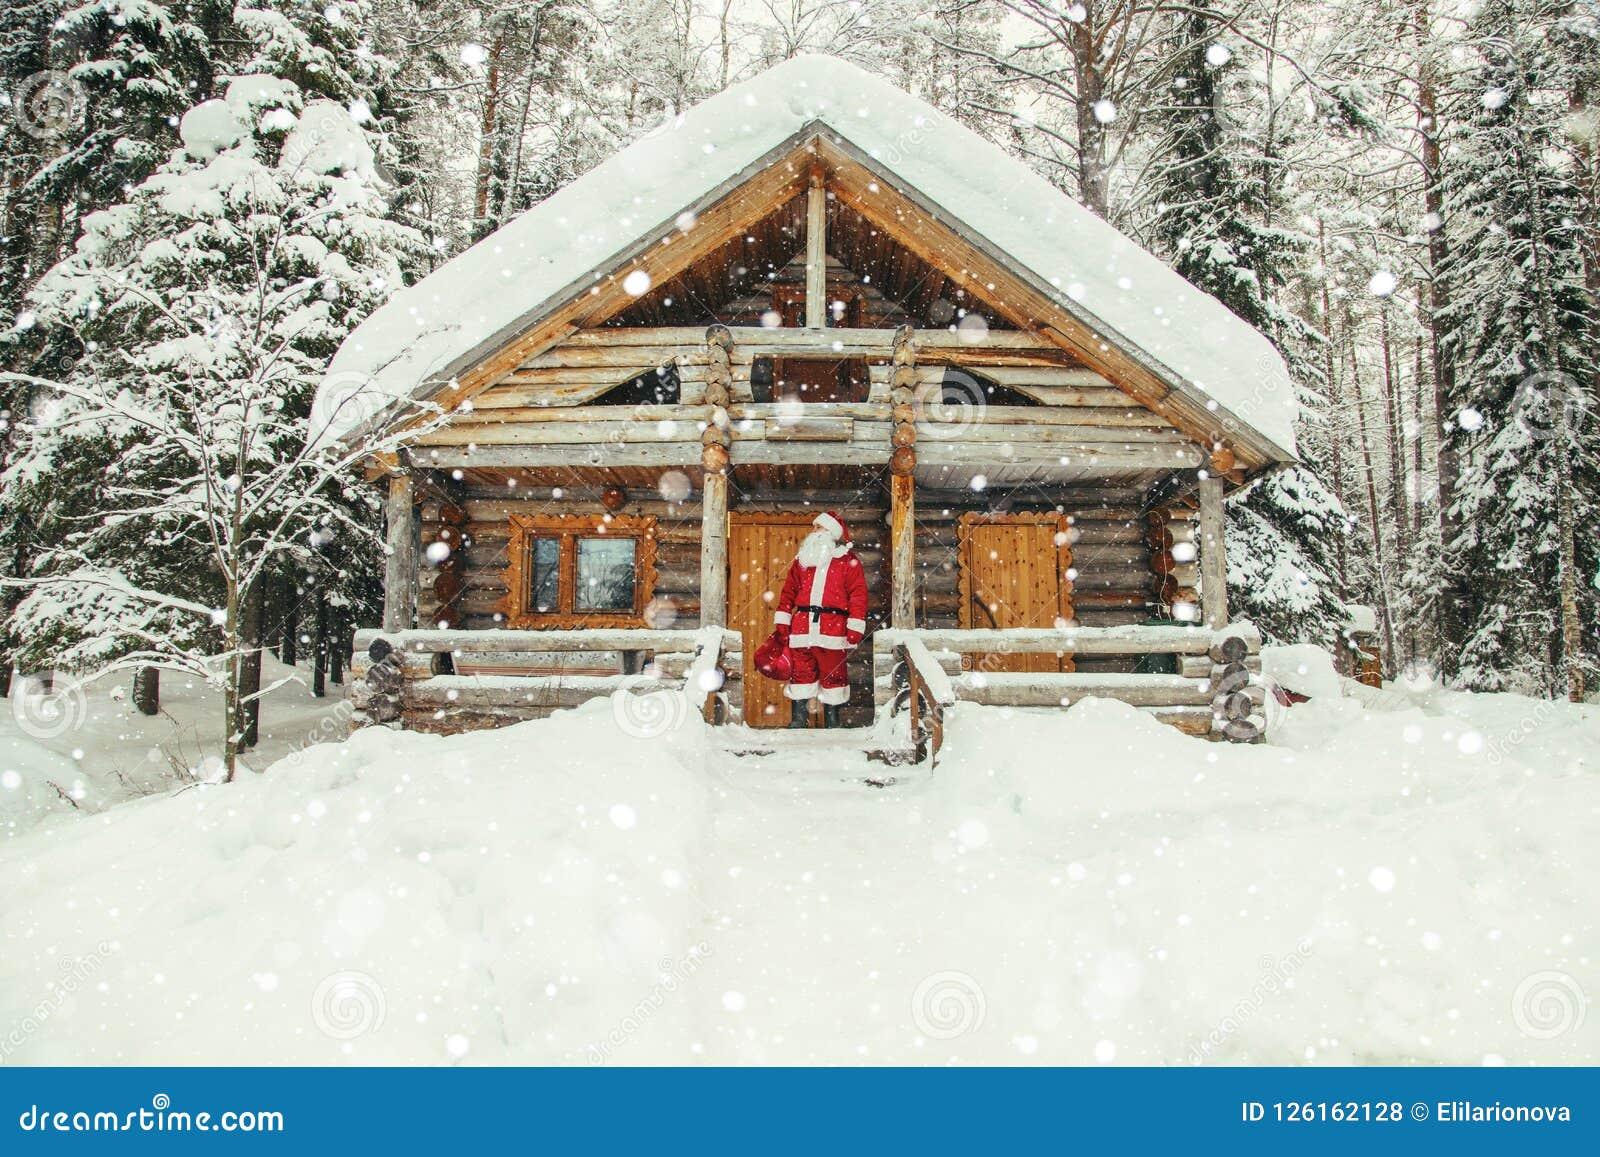 La vita quotidiana di Santa Claus